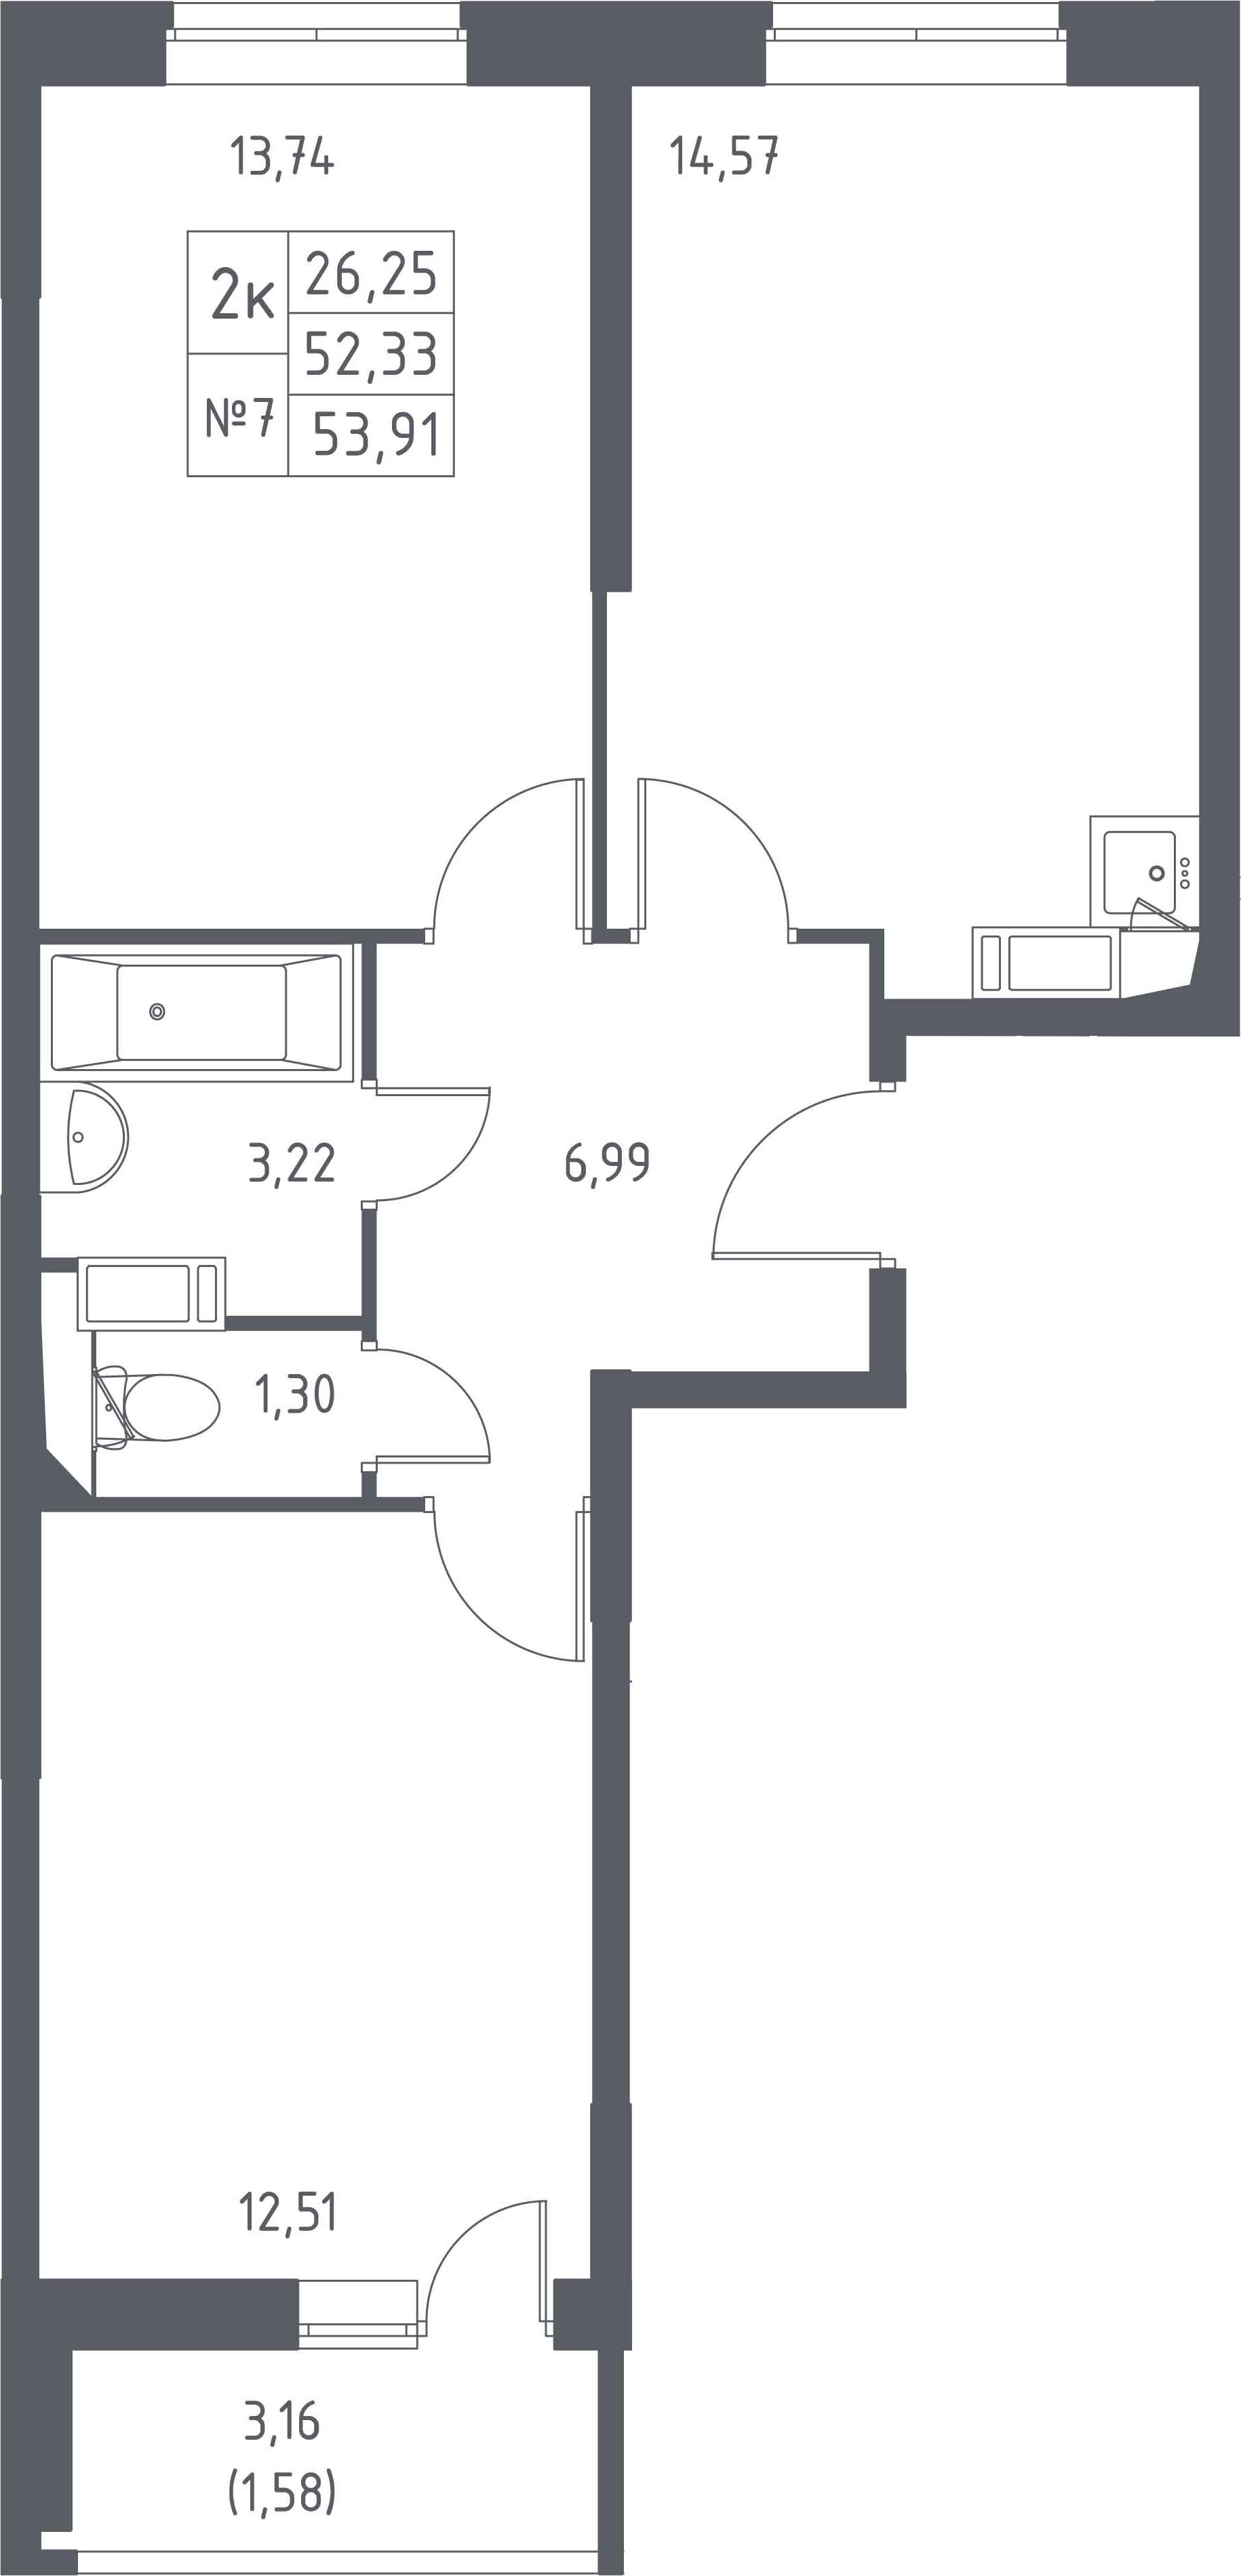 2-комнатная, 53.91 м²– 2